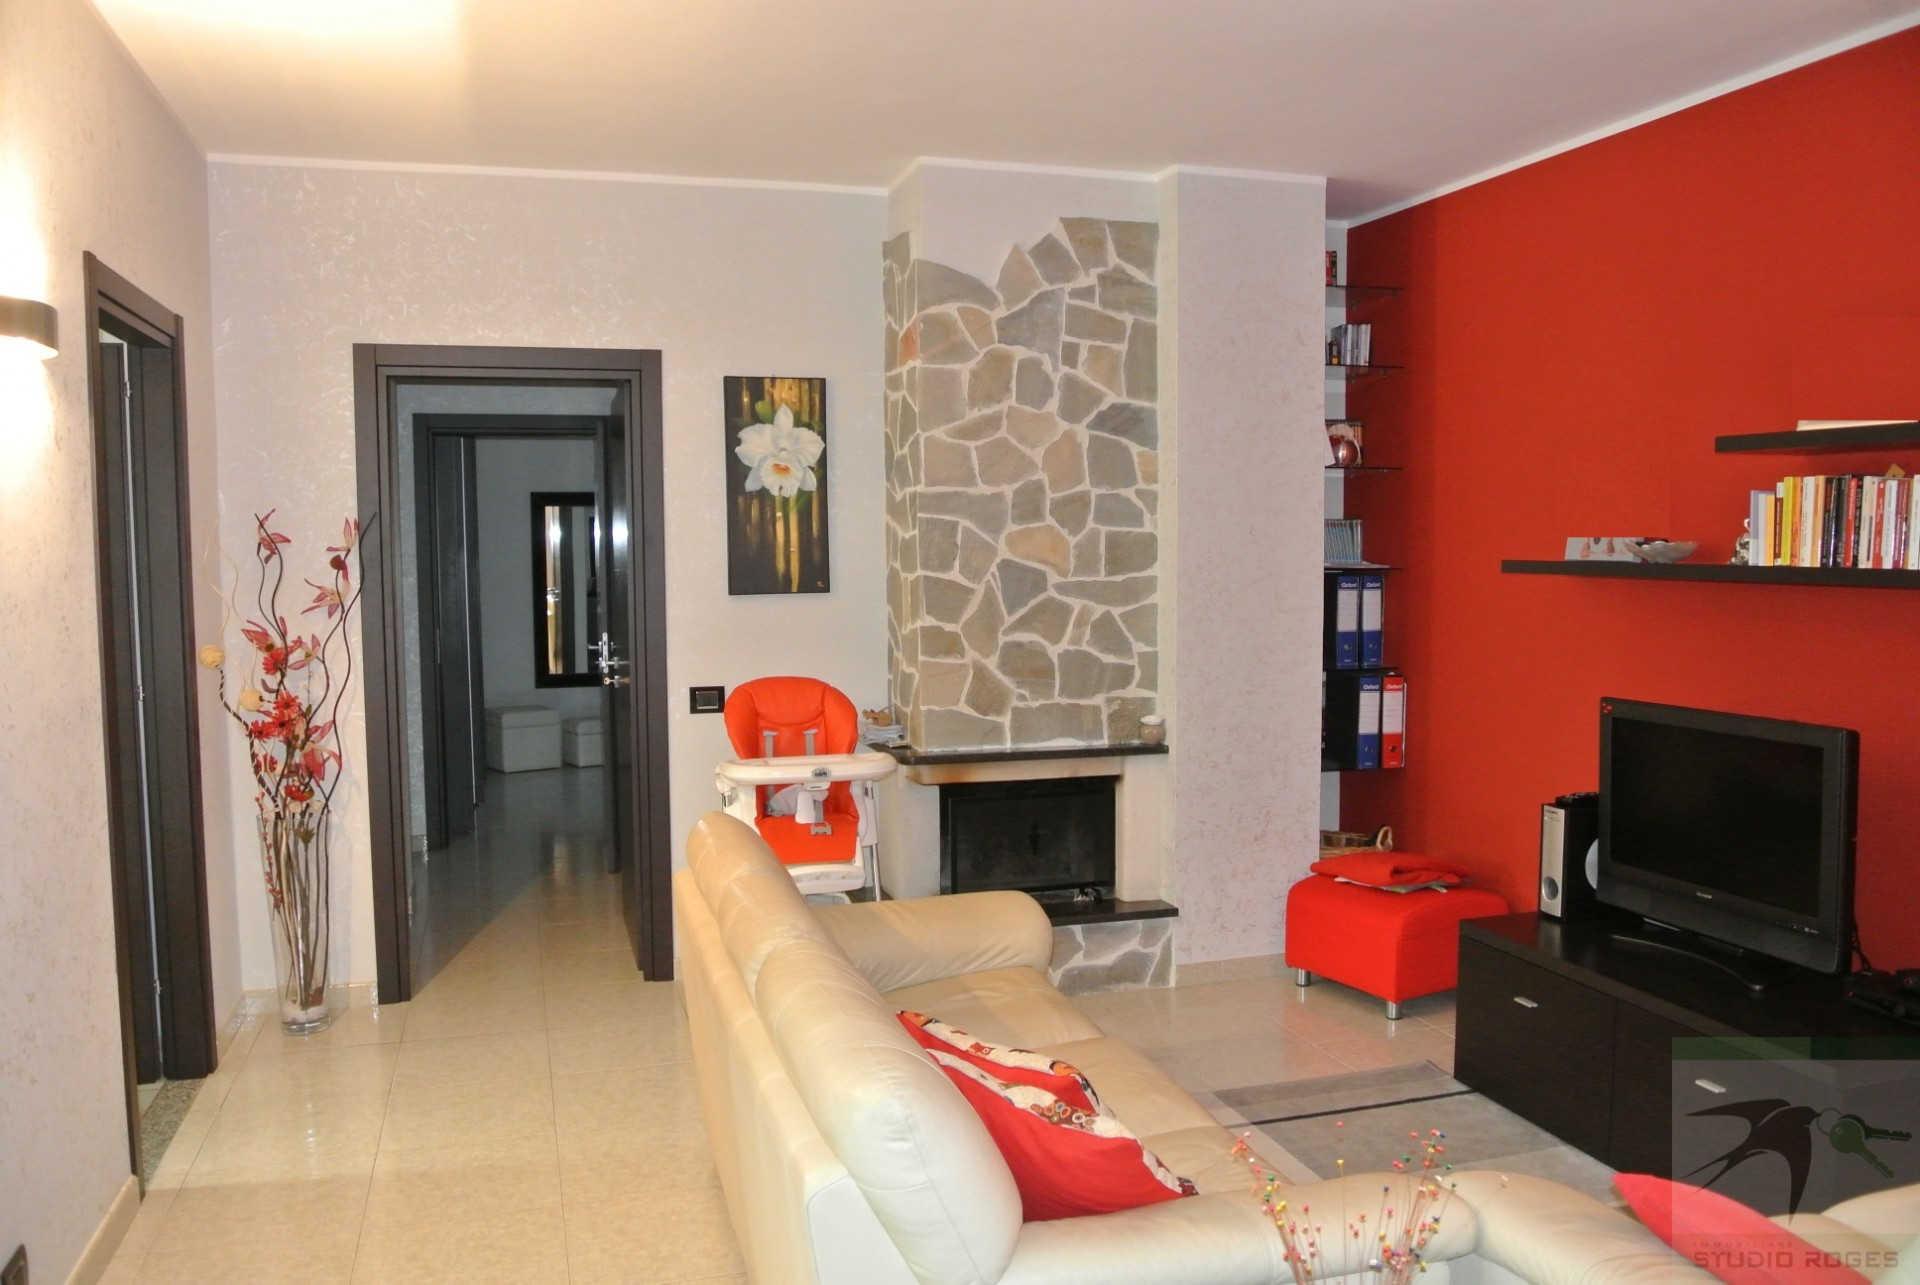 Appartamento in Vendita 112,55 mq - N. camere: 3 - - Cerisano - Cerisano (CS)